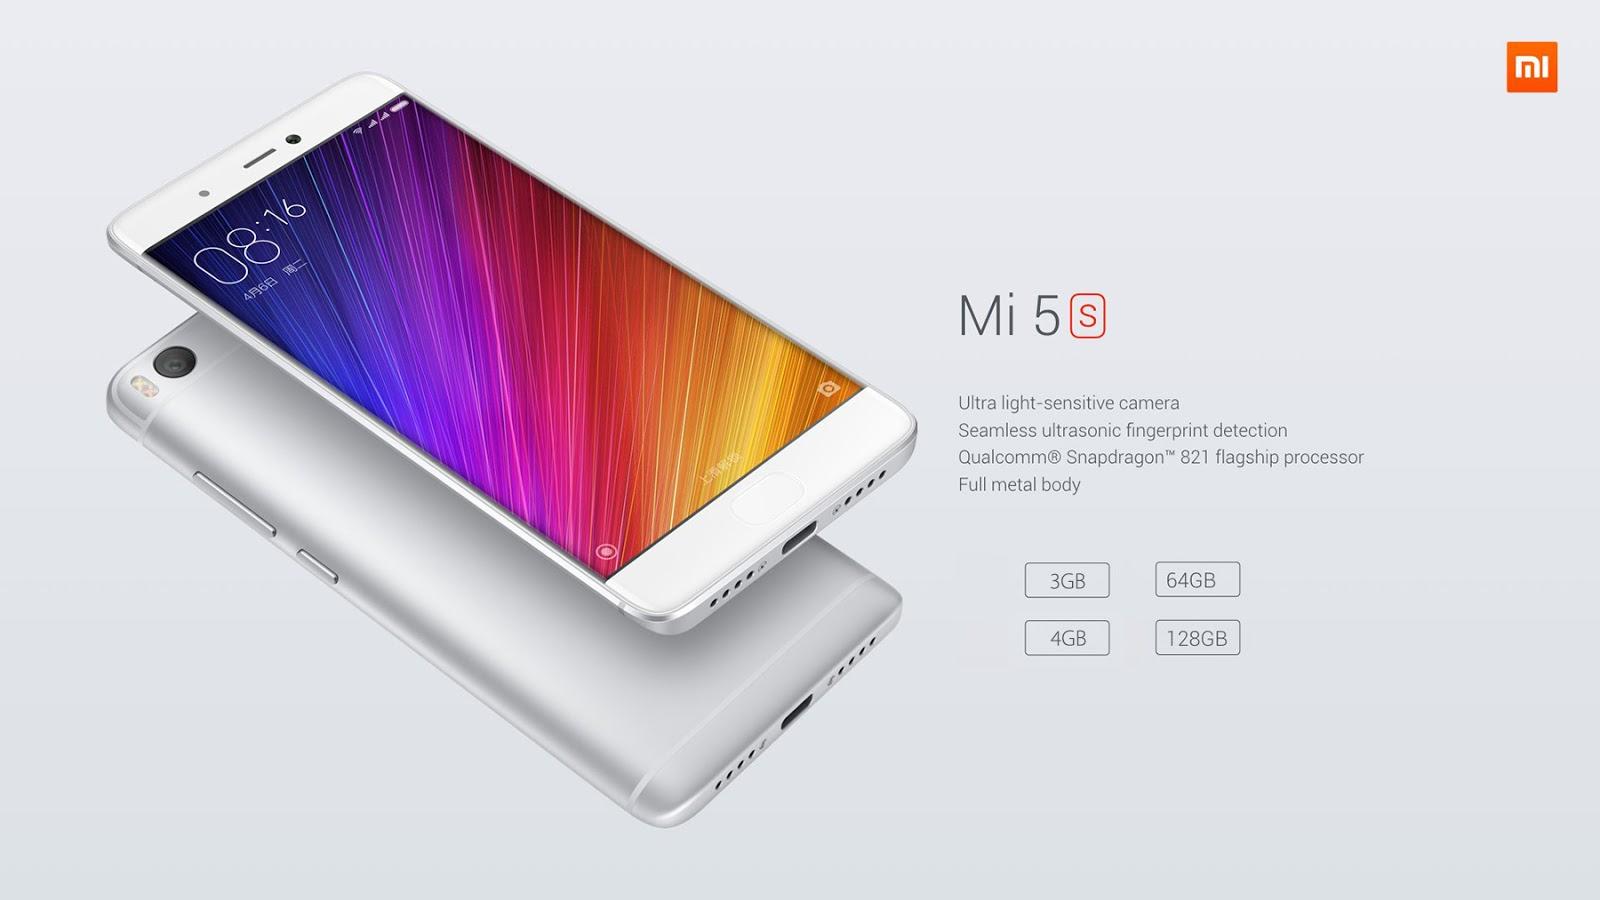 Осенний смартфонопад: китайский «Galaxy Note 7» и другие новинки от Xiaomi - 4